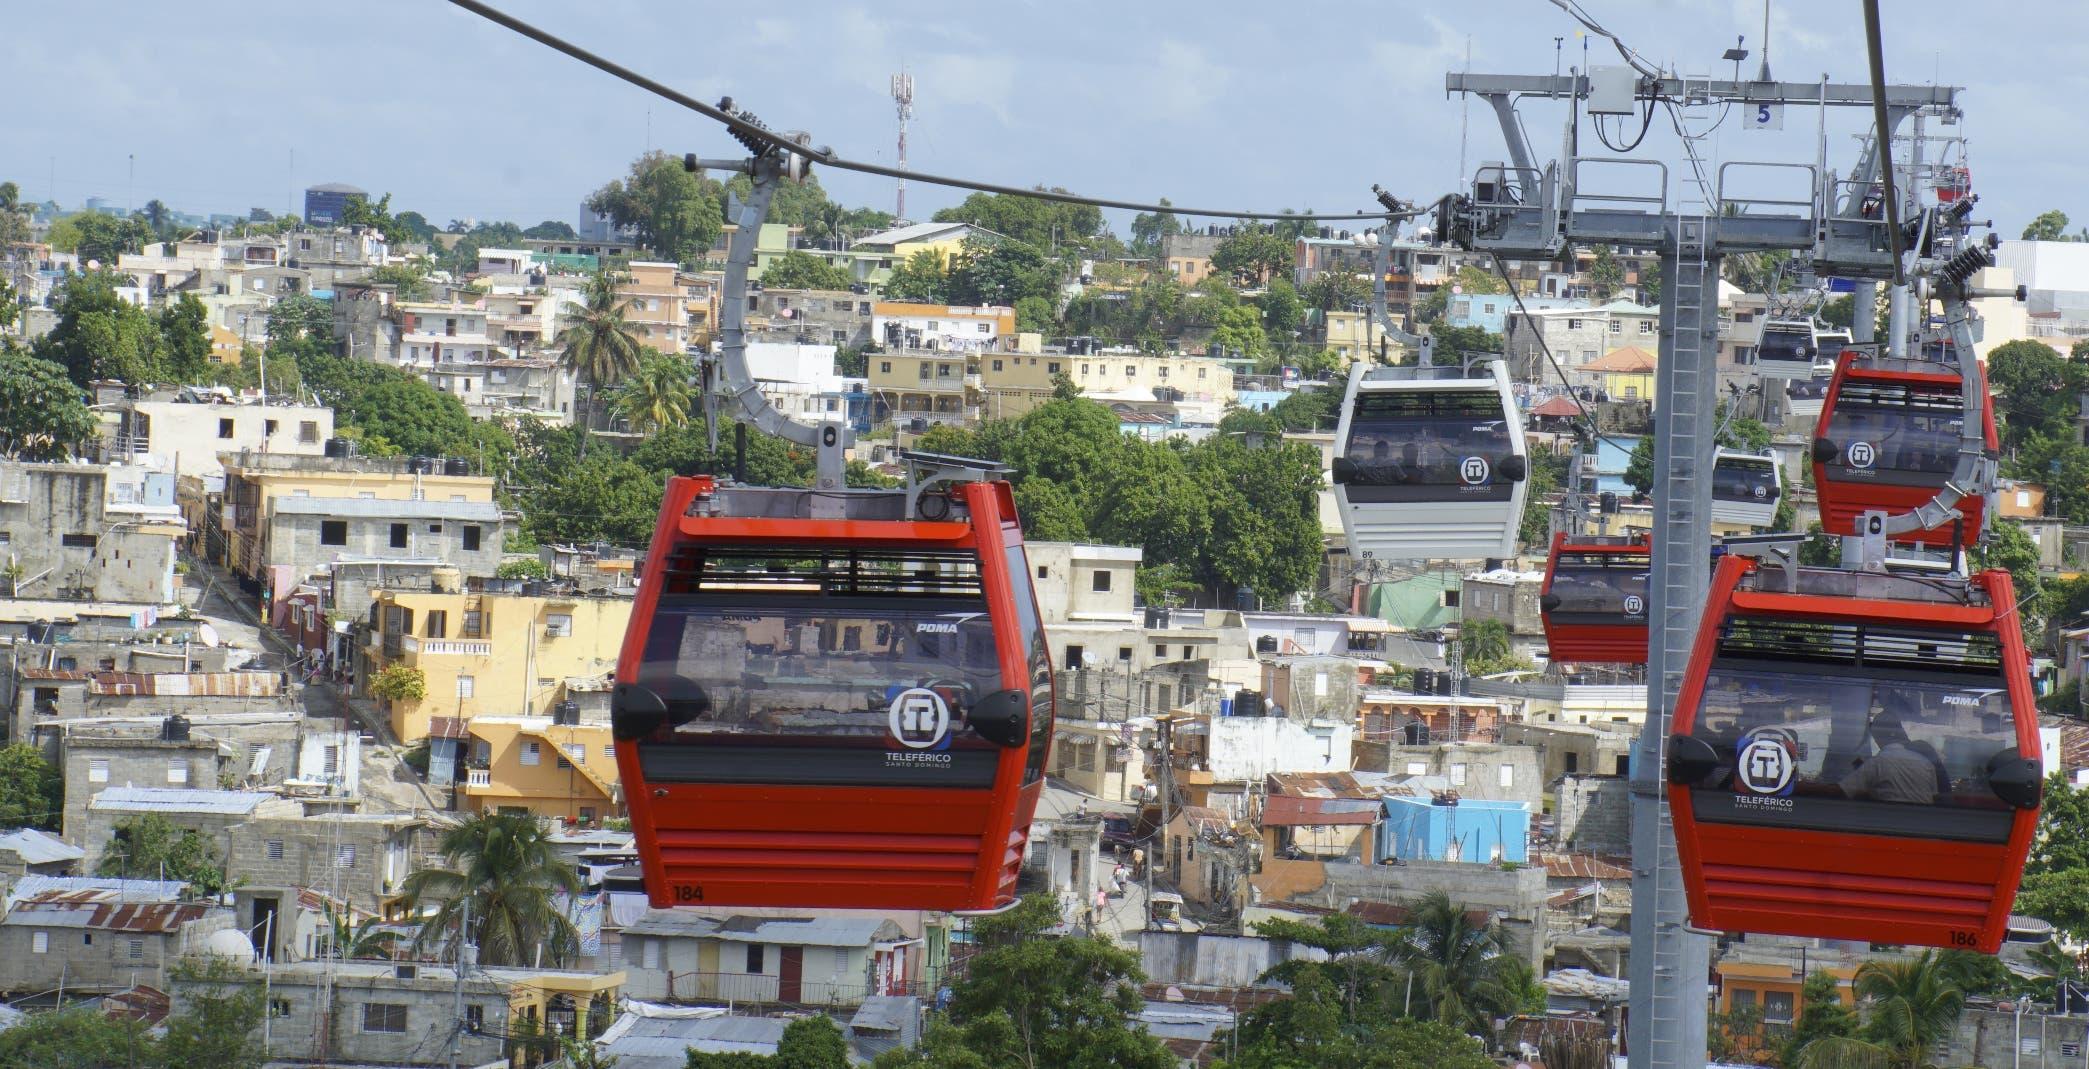 Además de la  comodidad, disfrutan el paisaje que desde la altura ofrece  el sistema de transporte por cable  de Gualey a Sabana Perdida.  ELIESER TAPIA